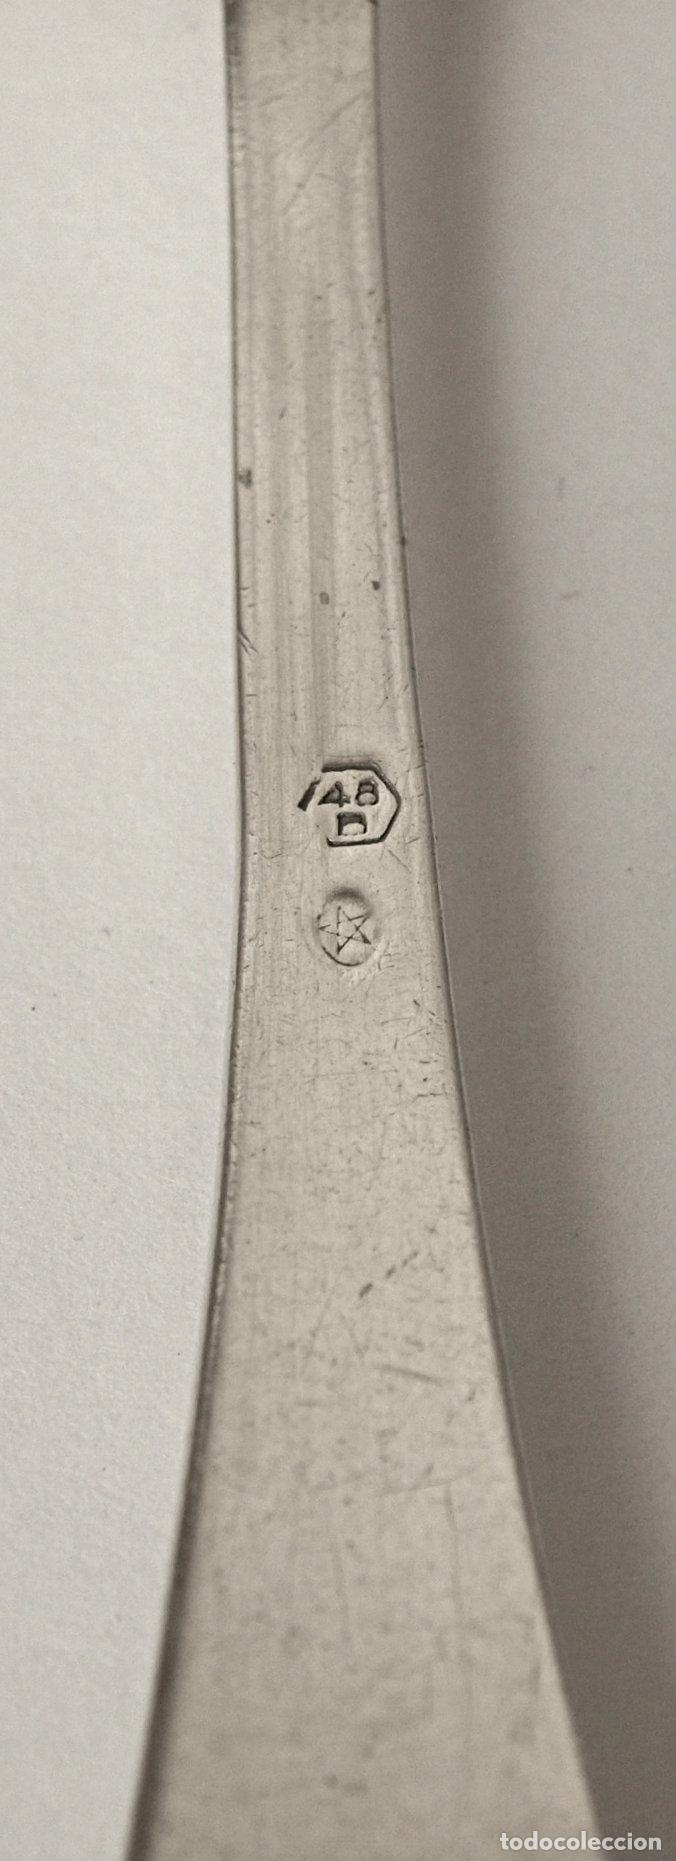 Antigüedades: CUCHARA DE PLATA DE LEY CONTRASTADA.21 CM. 76,8 GRAMOS. VER FOTOS Y DESCRIPCION - Foto 10 - 171379154